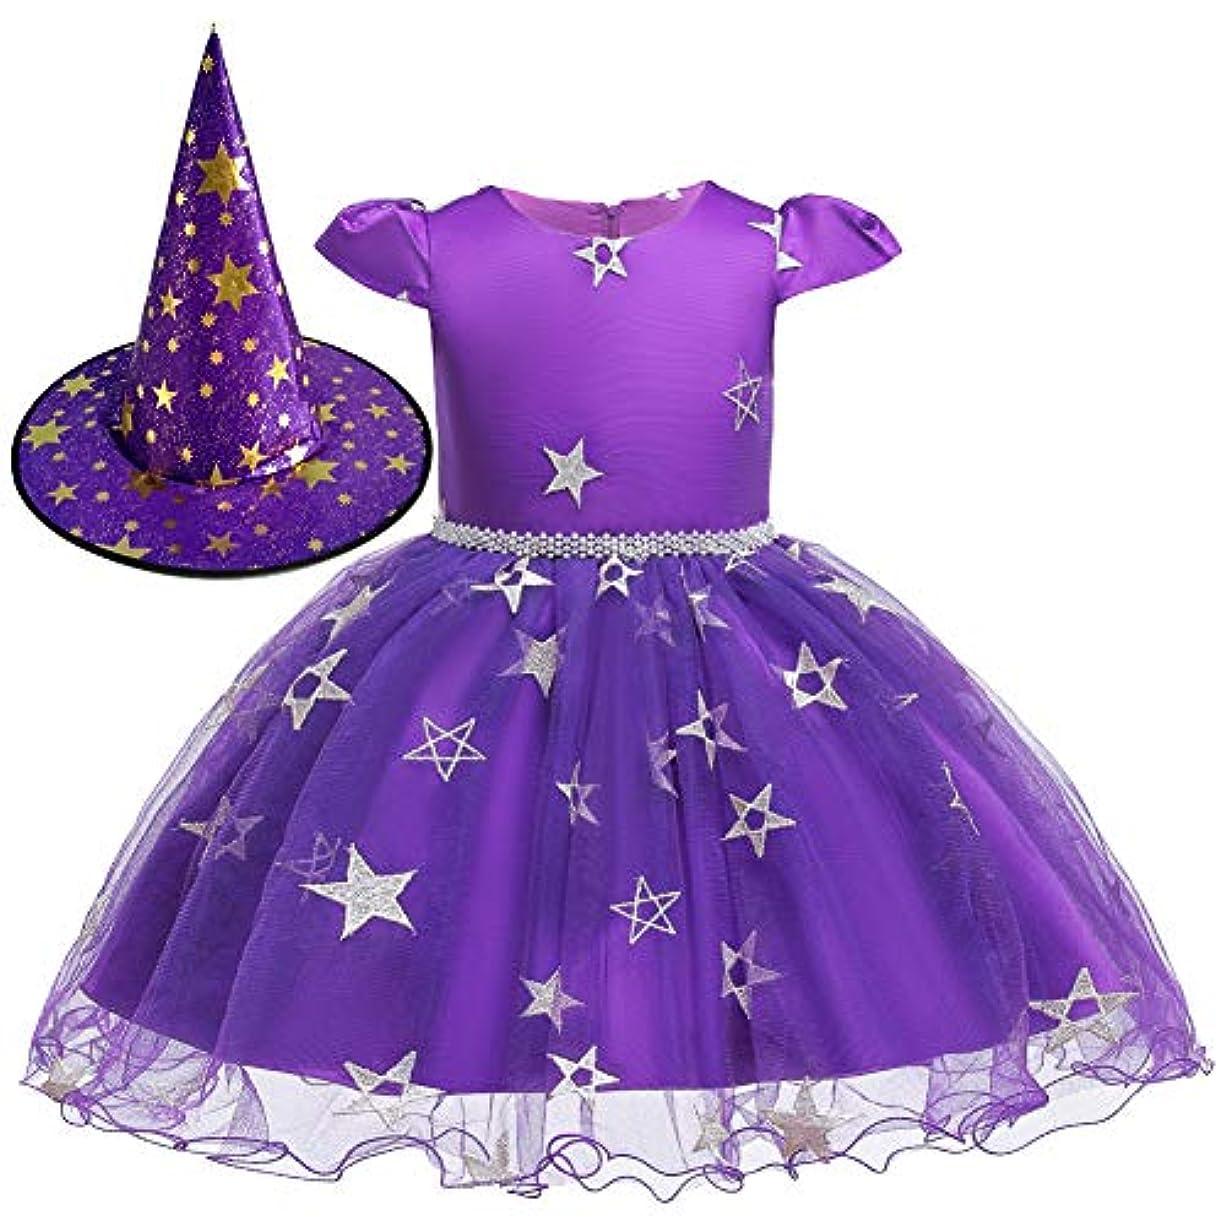 クレーター母振る舞うエルフ ベビー (Fairy Baby) ハロウィン 仮装 子供ドレス 女の子 Halloween衣装 コスプレ 巫女 魔女 帽子付き 星柄 size 140 (パープル)